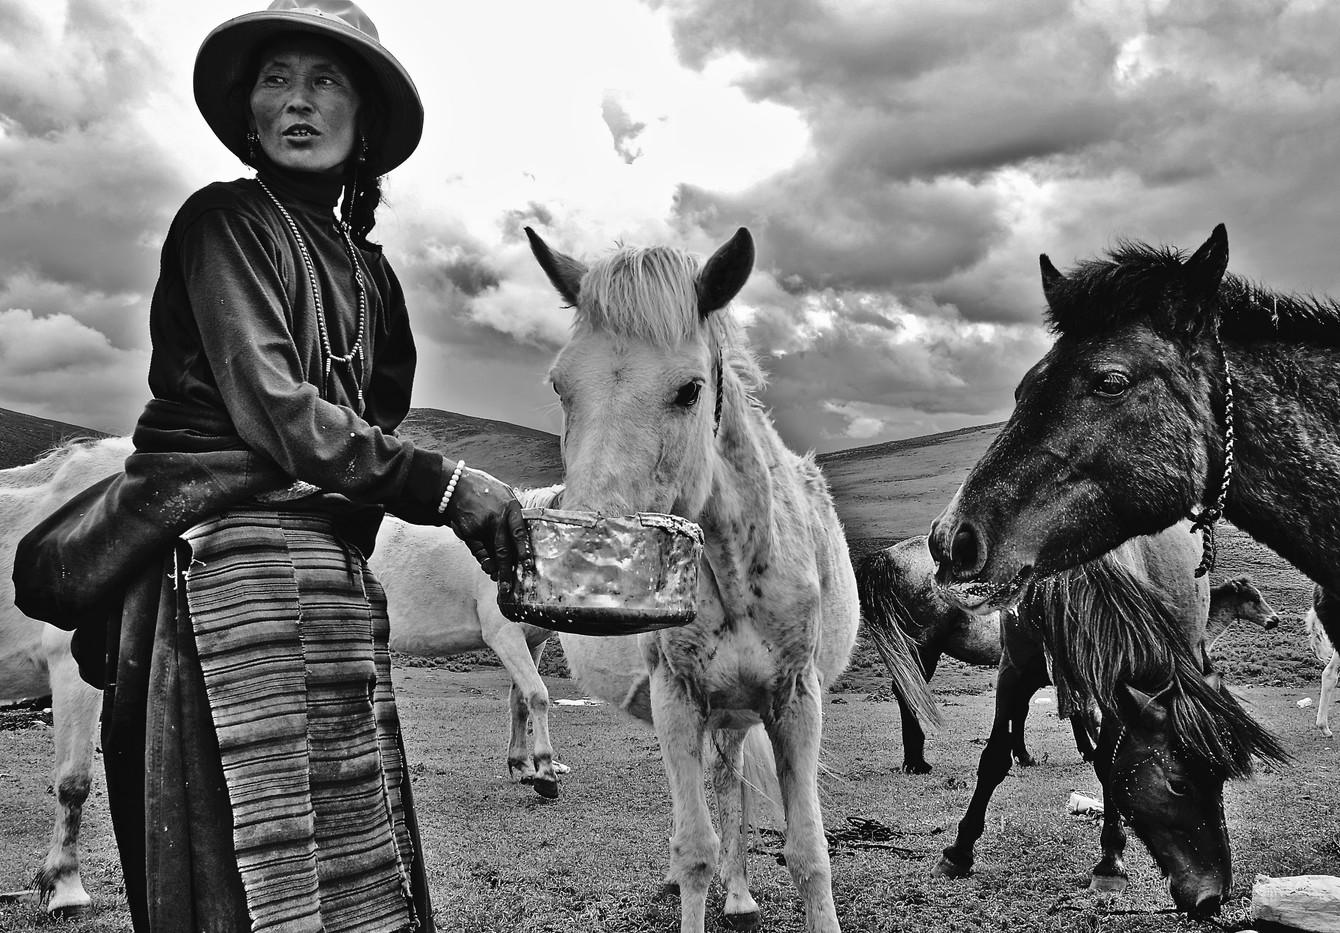 Storm and Horses - Horchuka, Ganze